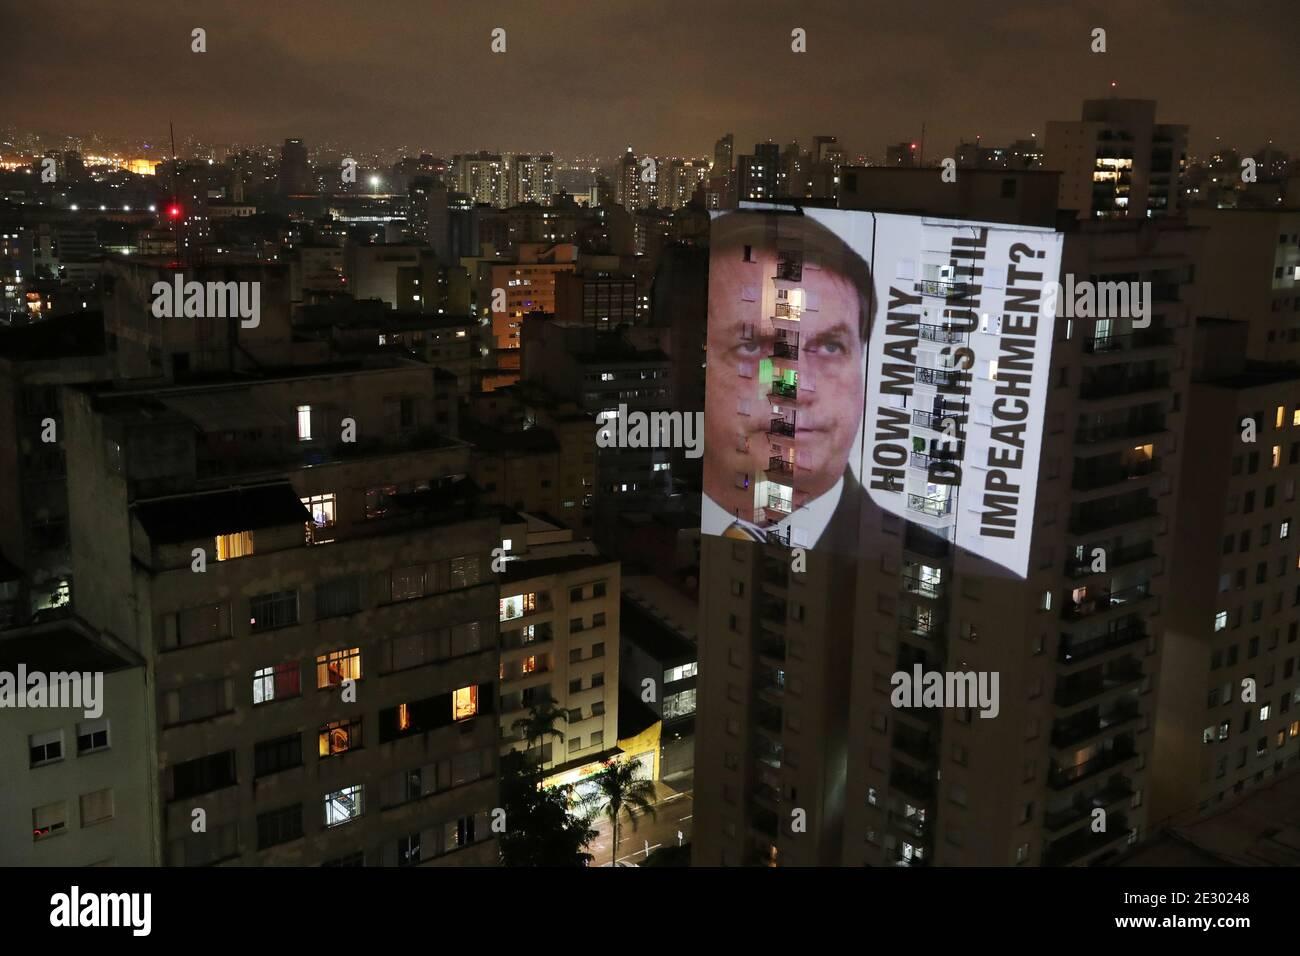 Une image du président brésilien Jair Bolsonaro avec l'expression « combien de morts jusqu'à la mise en accusation » est projetée sur un bâtiment lors d'une manifestation contre sa politique pour l'épidémie de coronavirus (COVID-19) et la crise sanitaire de Manaus dans le quartier de Santa Cecilia à Sao Paulo, au Brésil, le 15 janvier 2021. REUTERS/Amanda Perobelli Banque D'Images